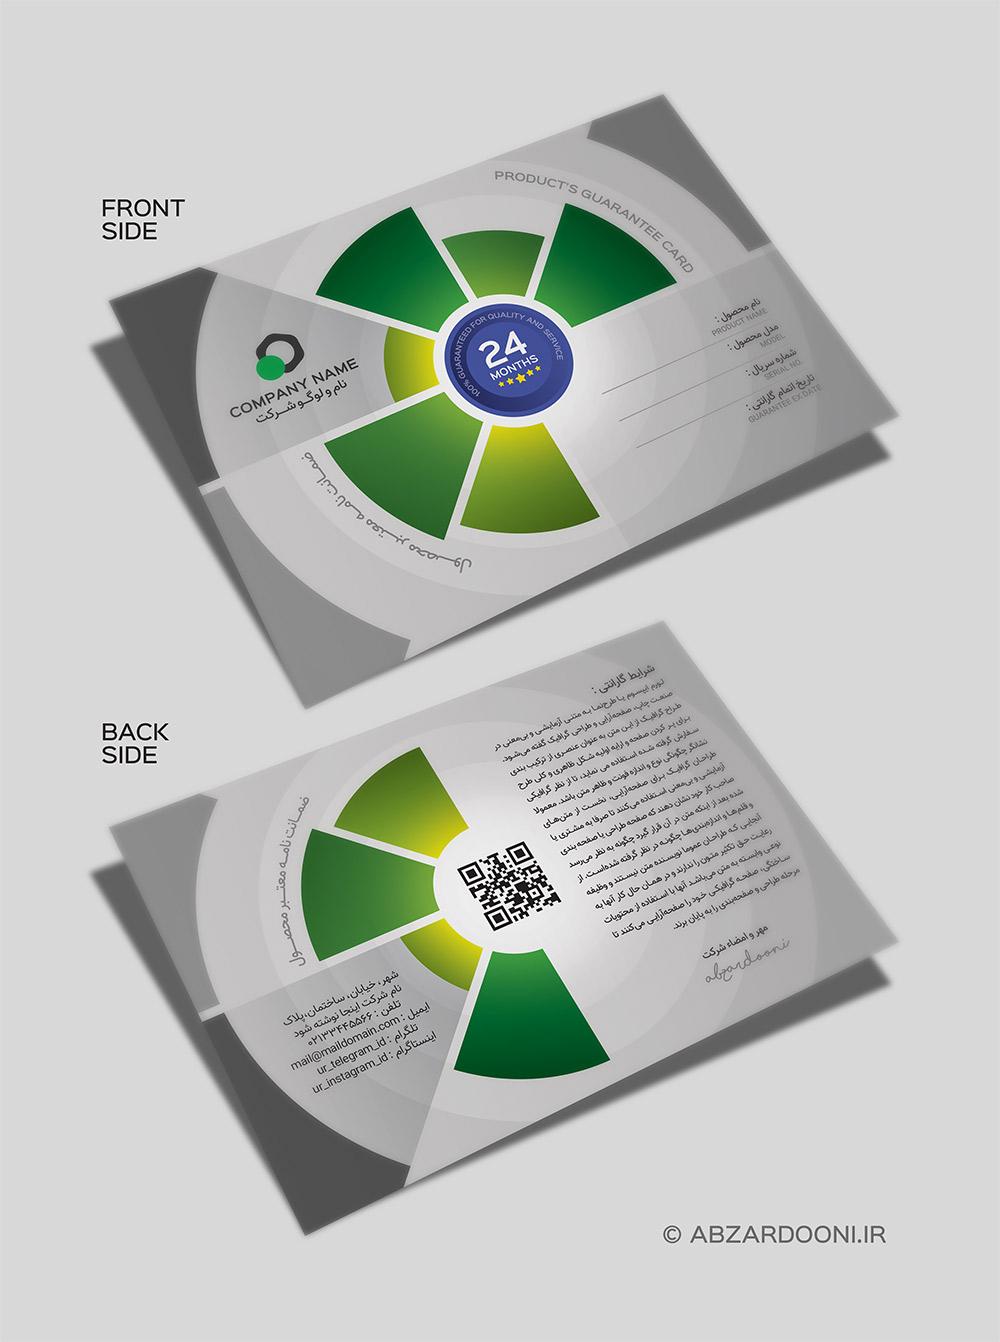 لایه باز کارت گارانتی محصول هدف